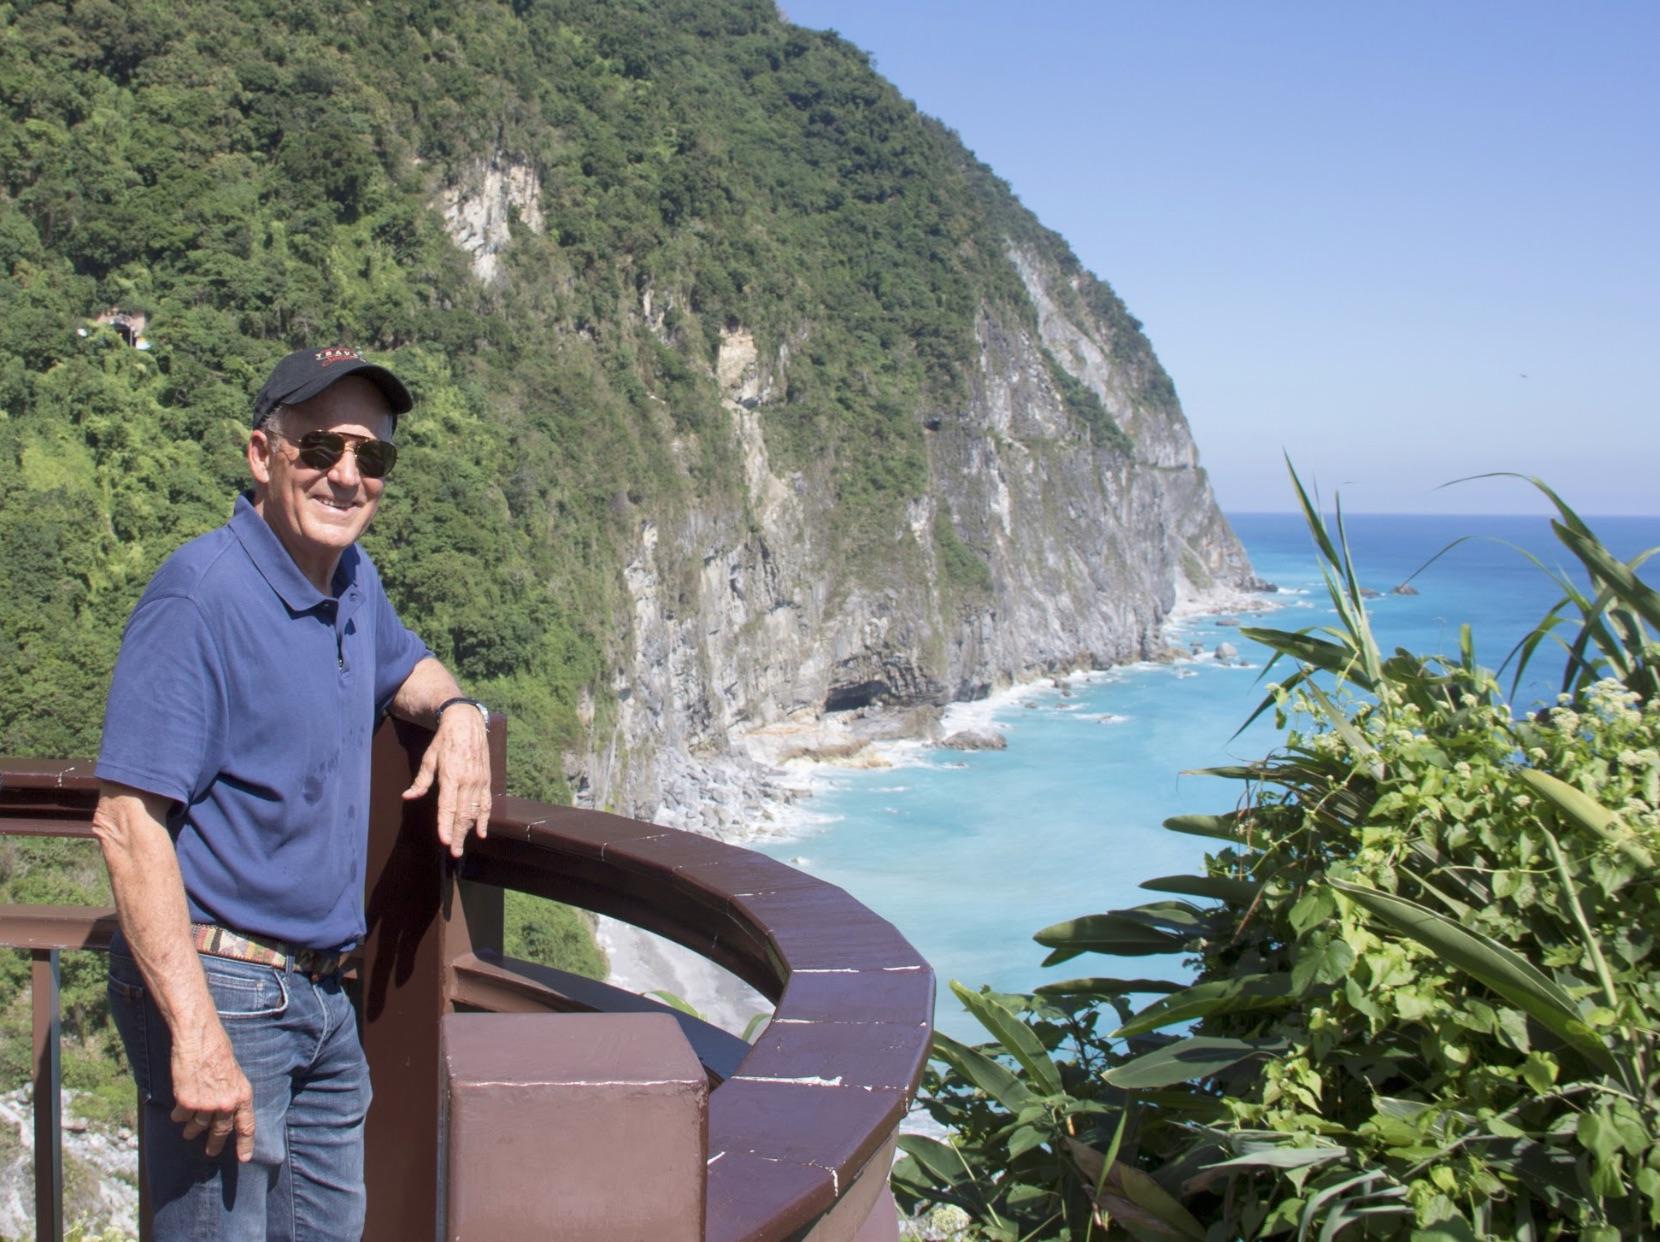 主持羅森度在此次獲獎的《臺灣山脈與小鎮旅遊》系列節目中以講故事的口吻介紹了台灣的人文歷史和秀麗風光,圖為羅森度在清水斷崖拍攝時留下的照片。觀光局提供